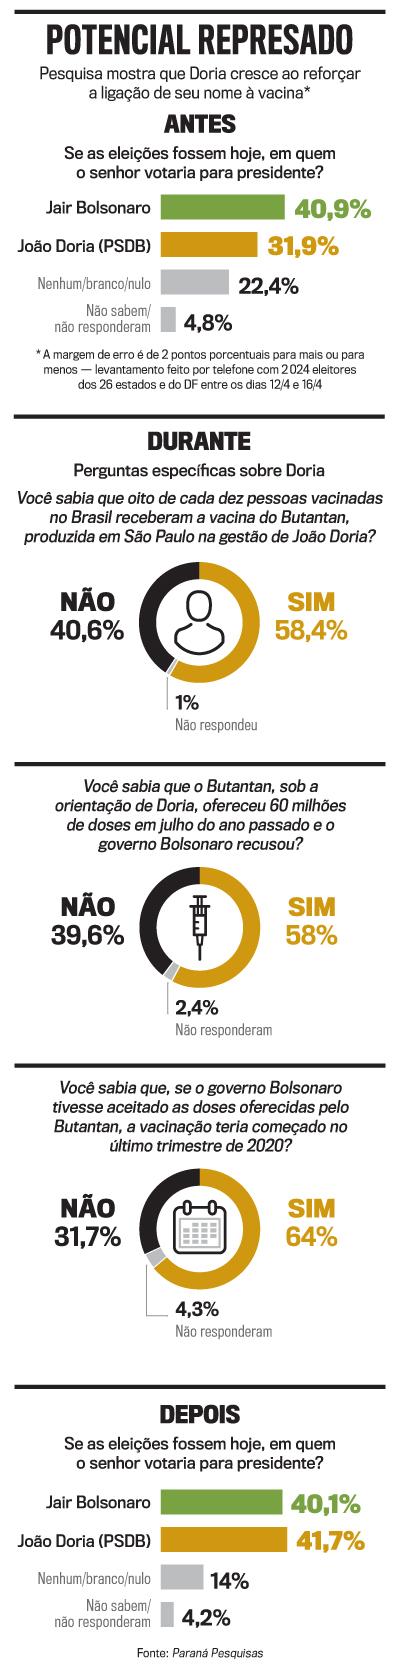 Arte PSDB